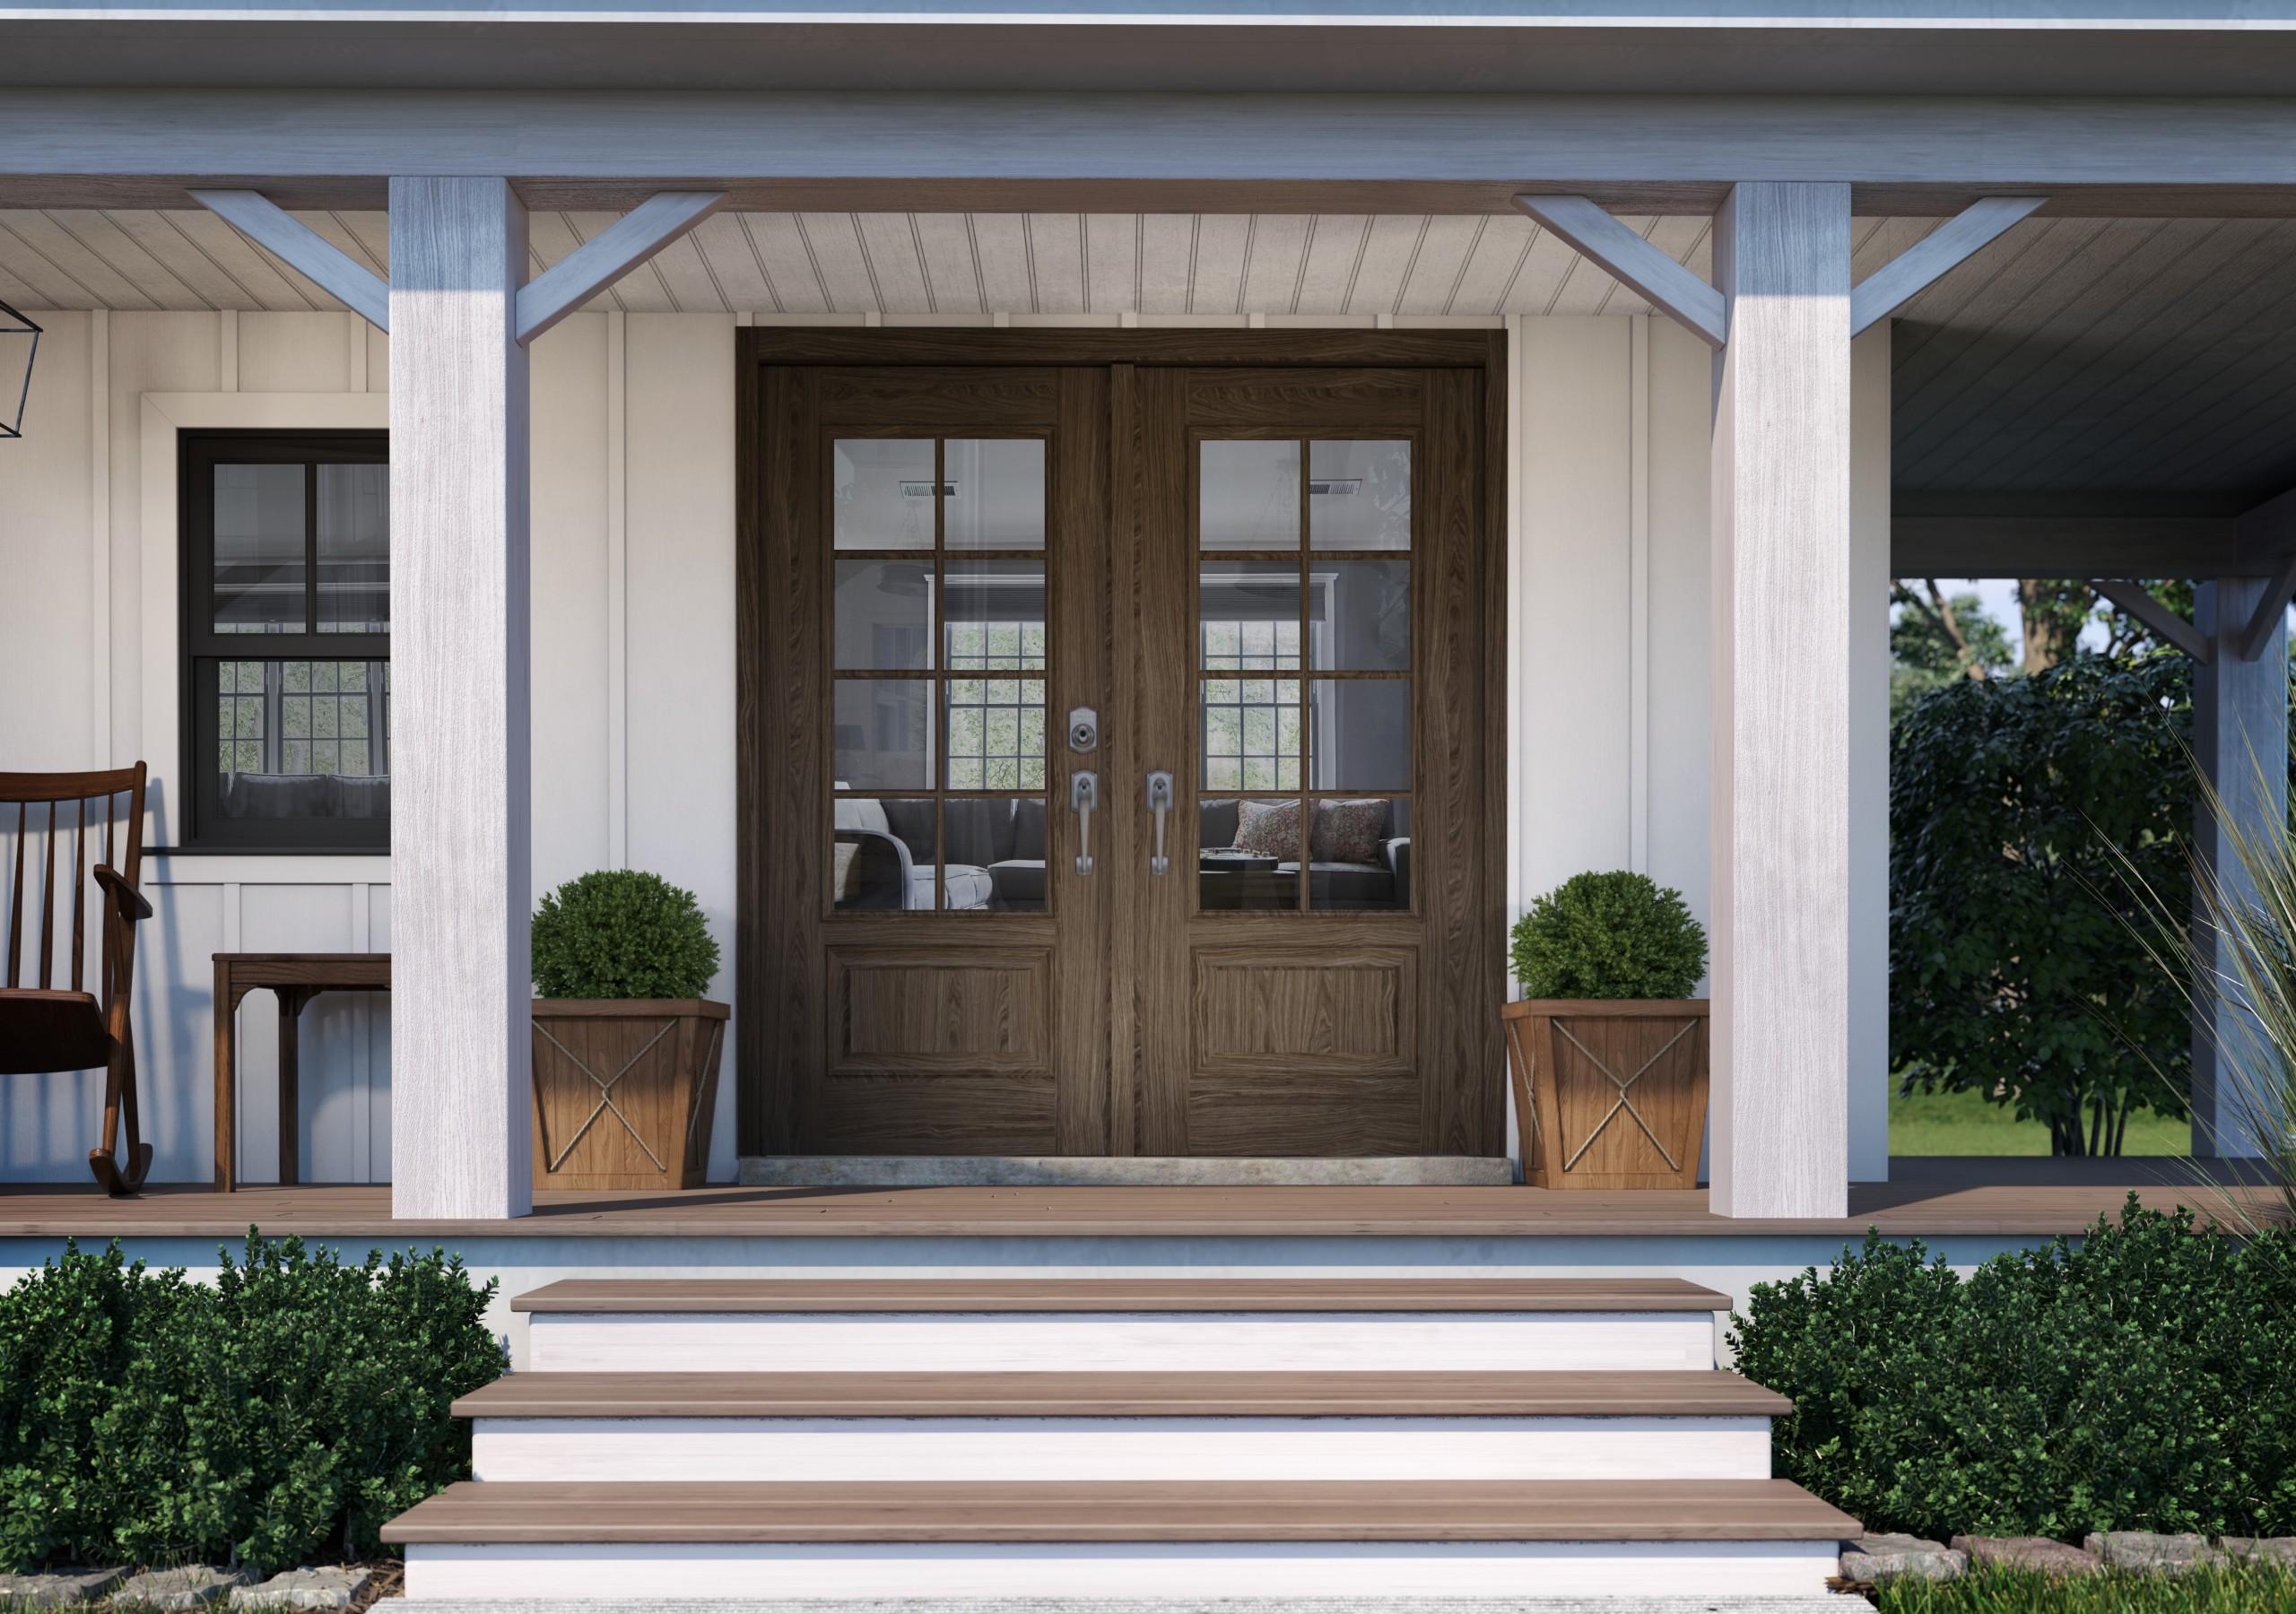 French Doors Reliable And Energy Efficient Doors And Windows Jeld Wen Windows Doors